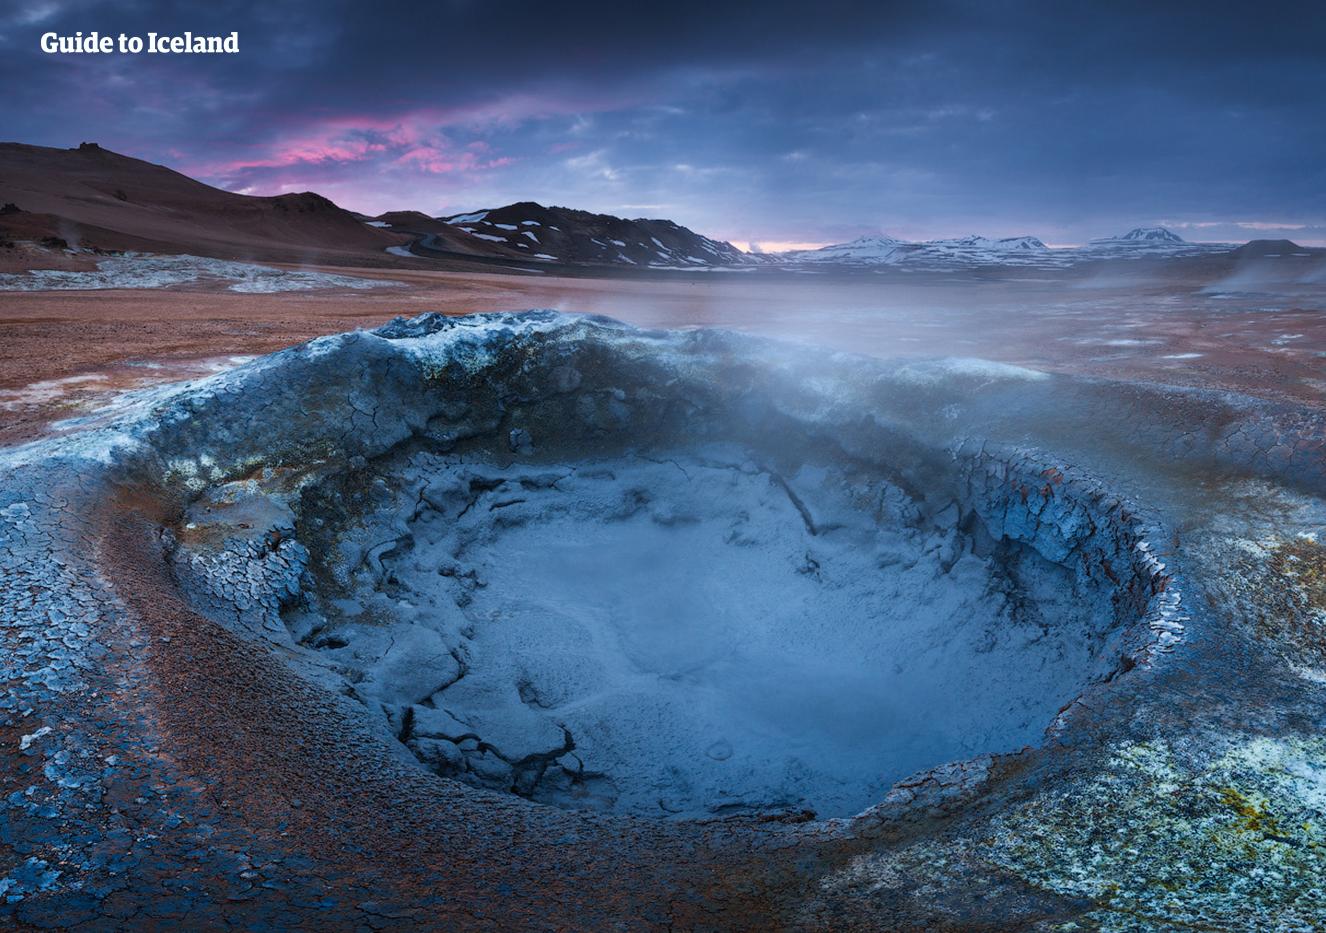 유황이 넘치는 이 곳은 아이슬란드 북부에 위치하여 화성같은 풍경을 자랑하는 나마스카르드 지열지대입니다.